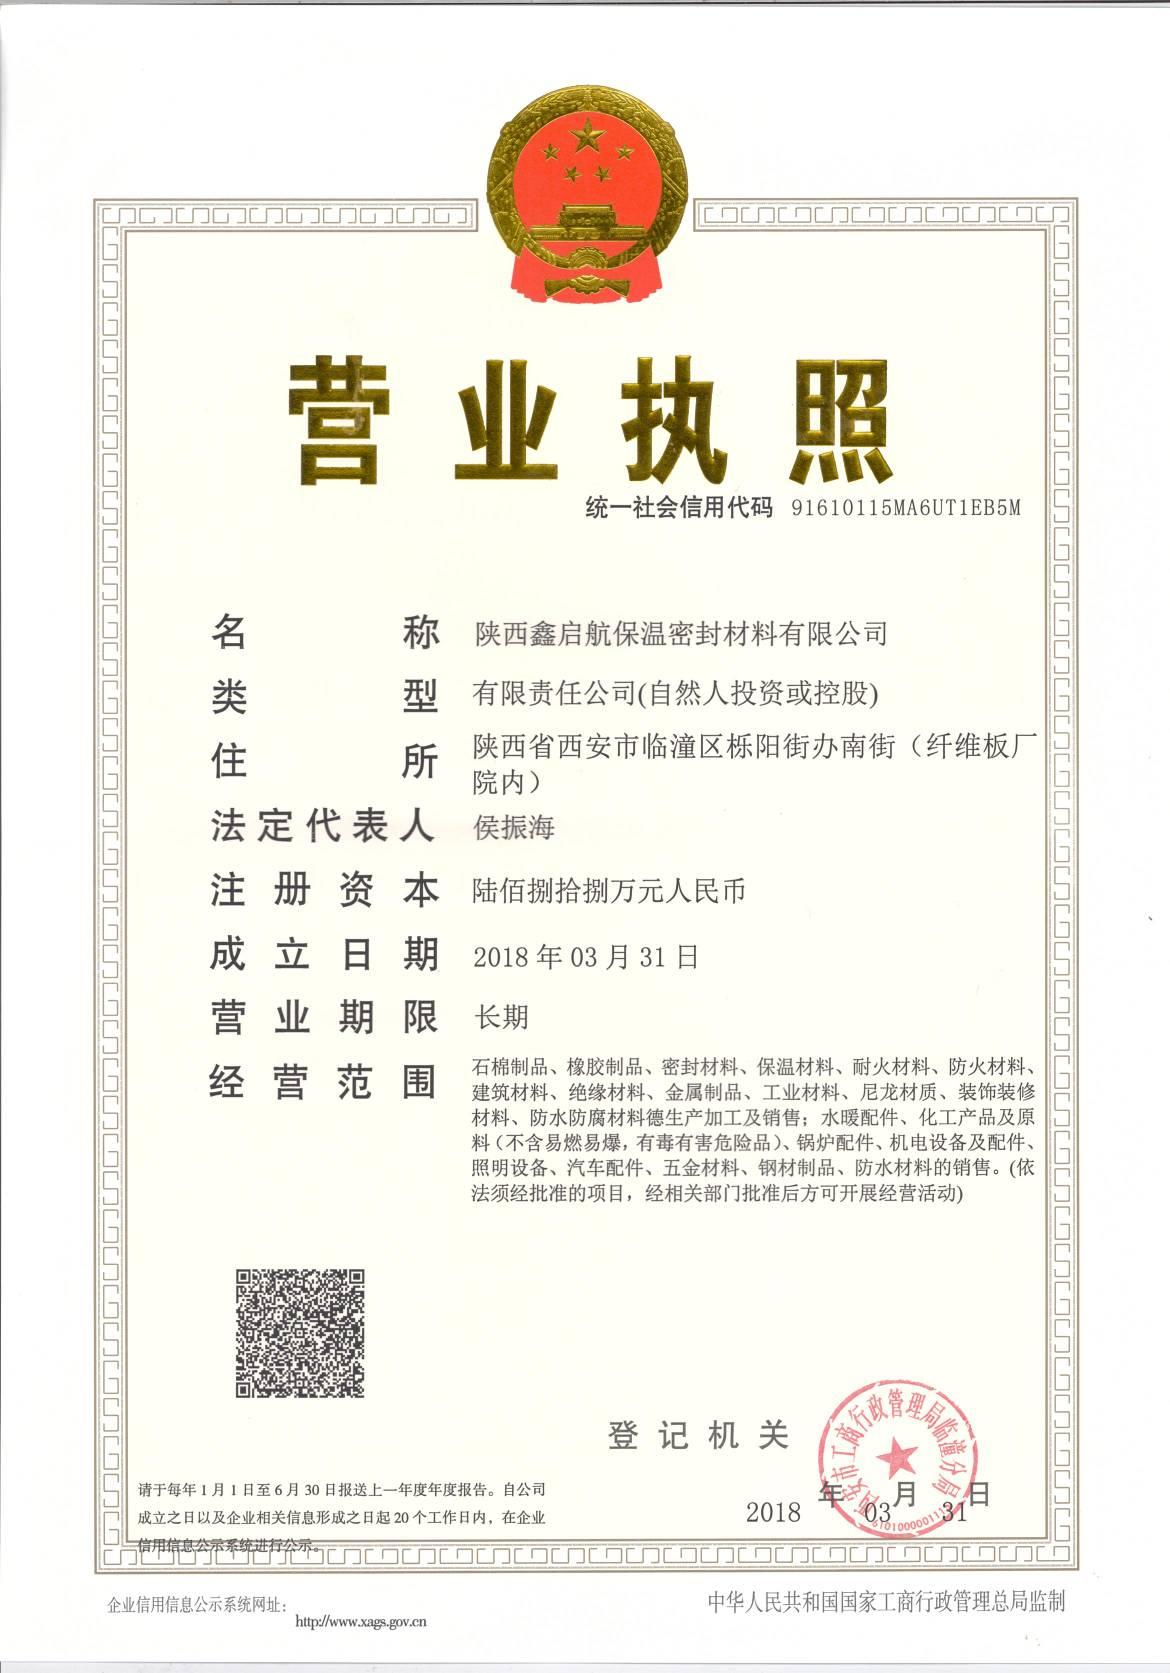 陕西鑫启航营业执照